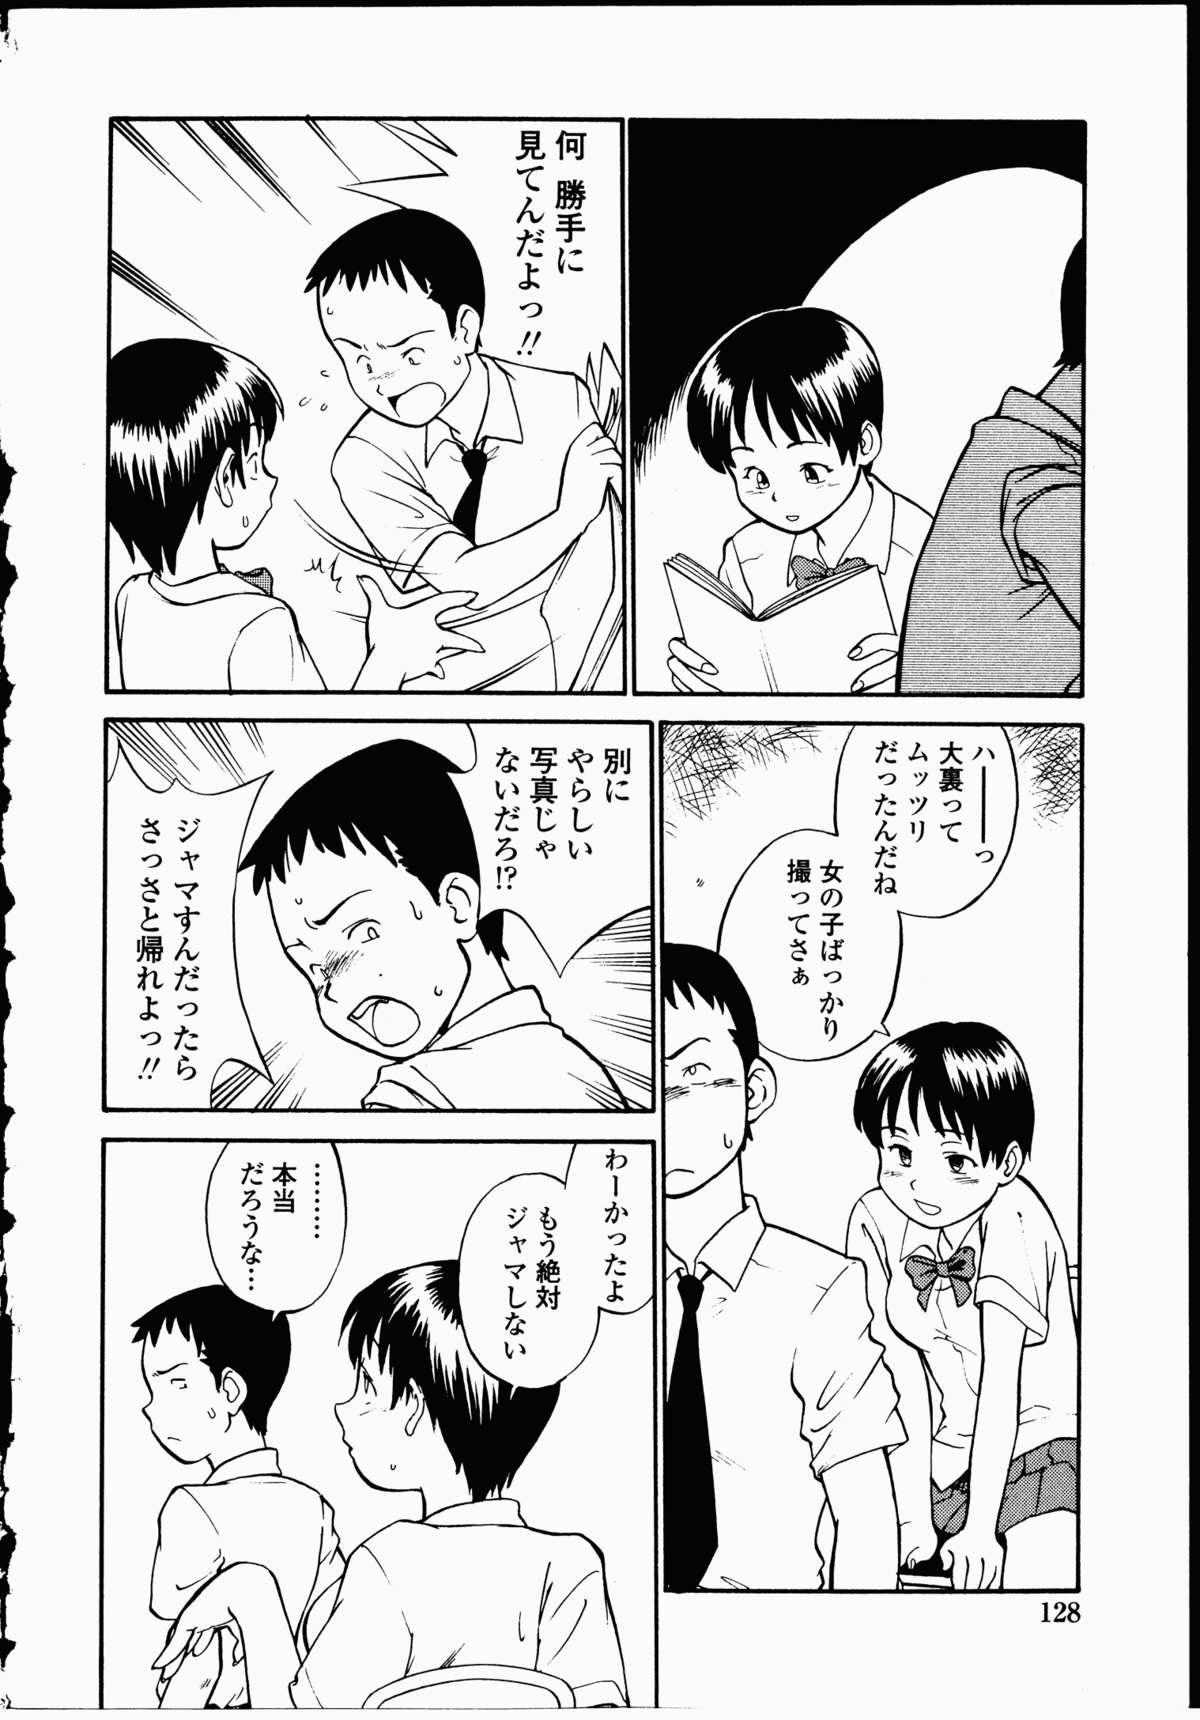 Youen Hyaku Monogatari 126